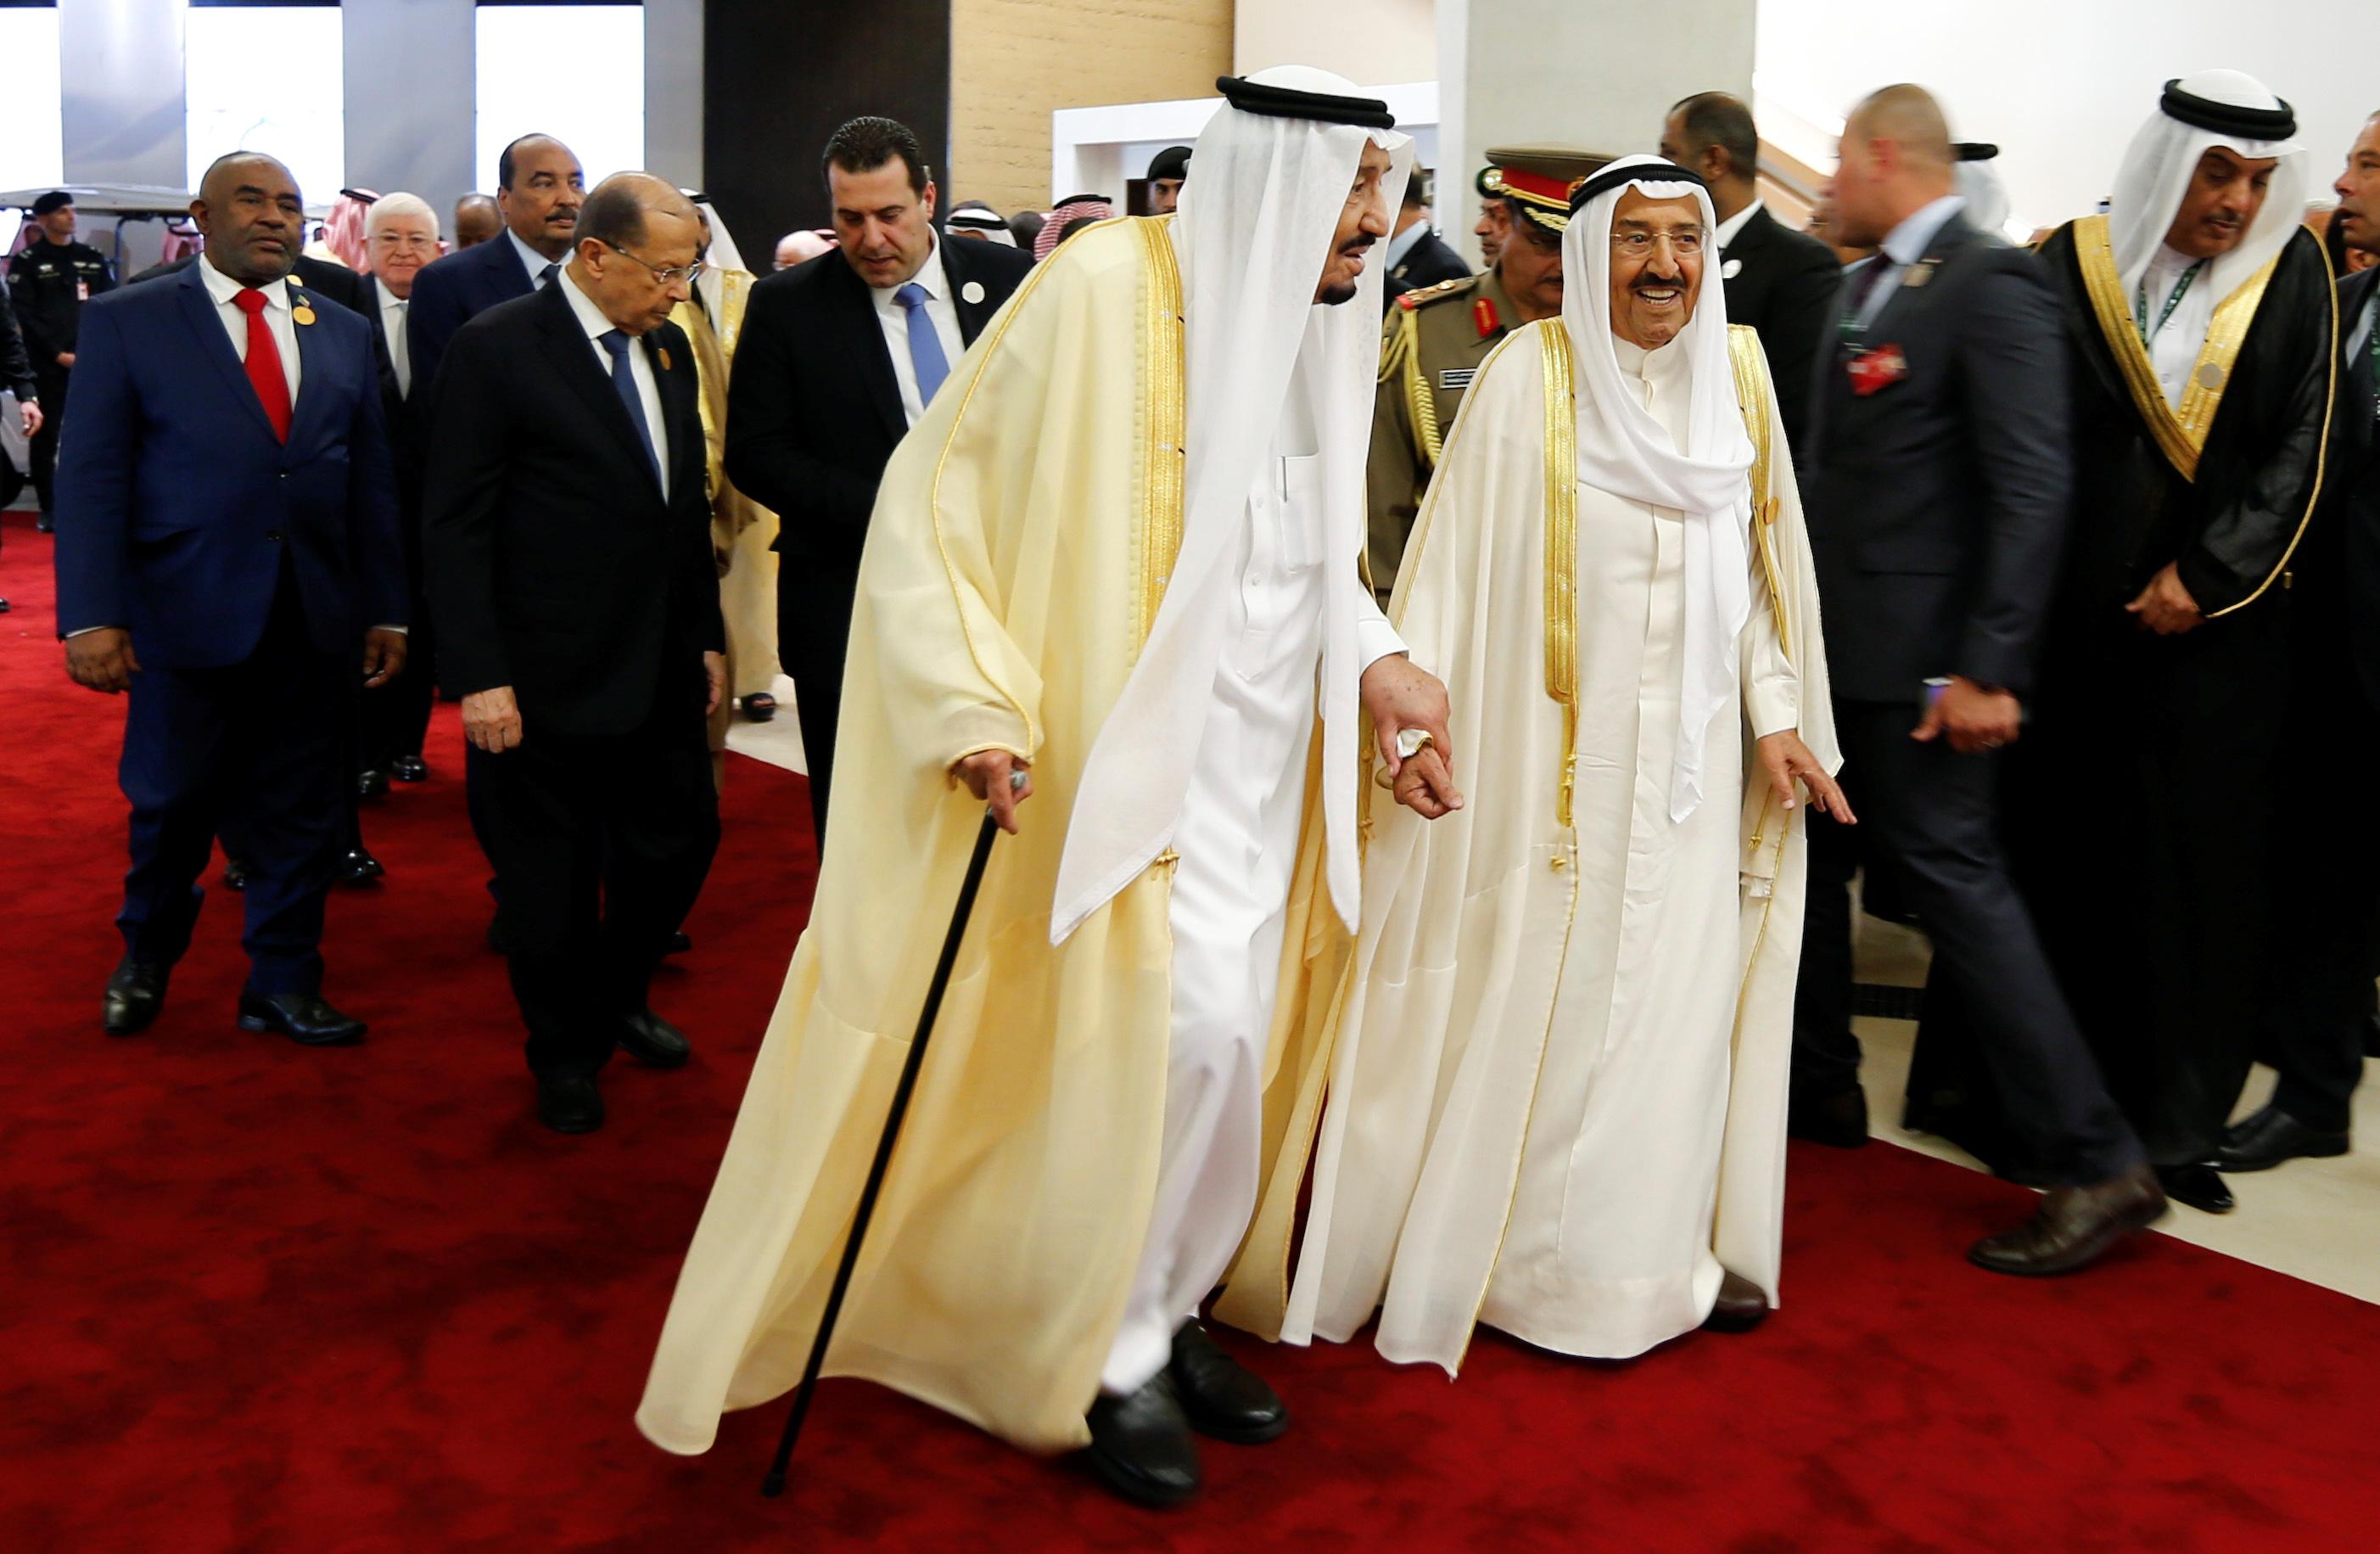 الملك سلمان وأمير الكويت فى مقر انعقاد القمة العربية